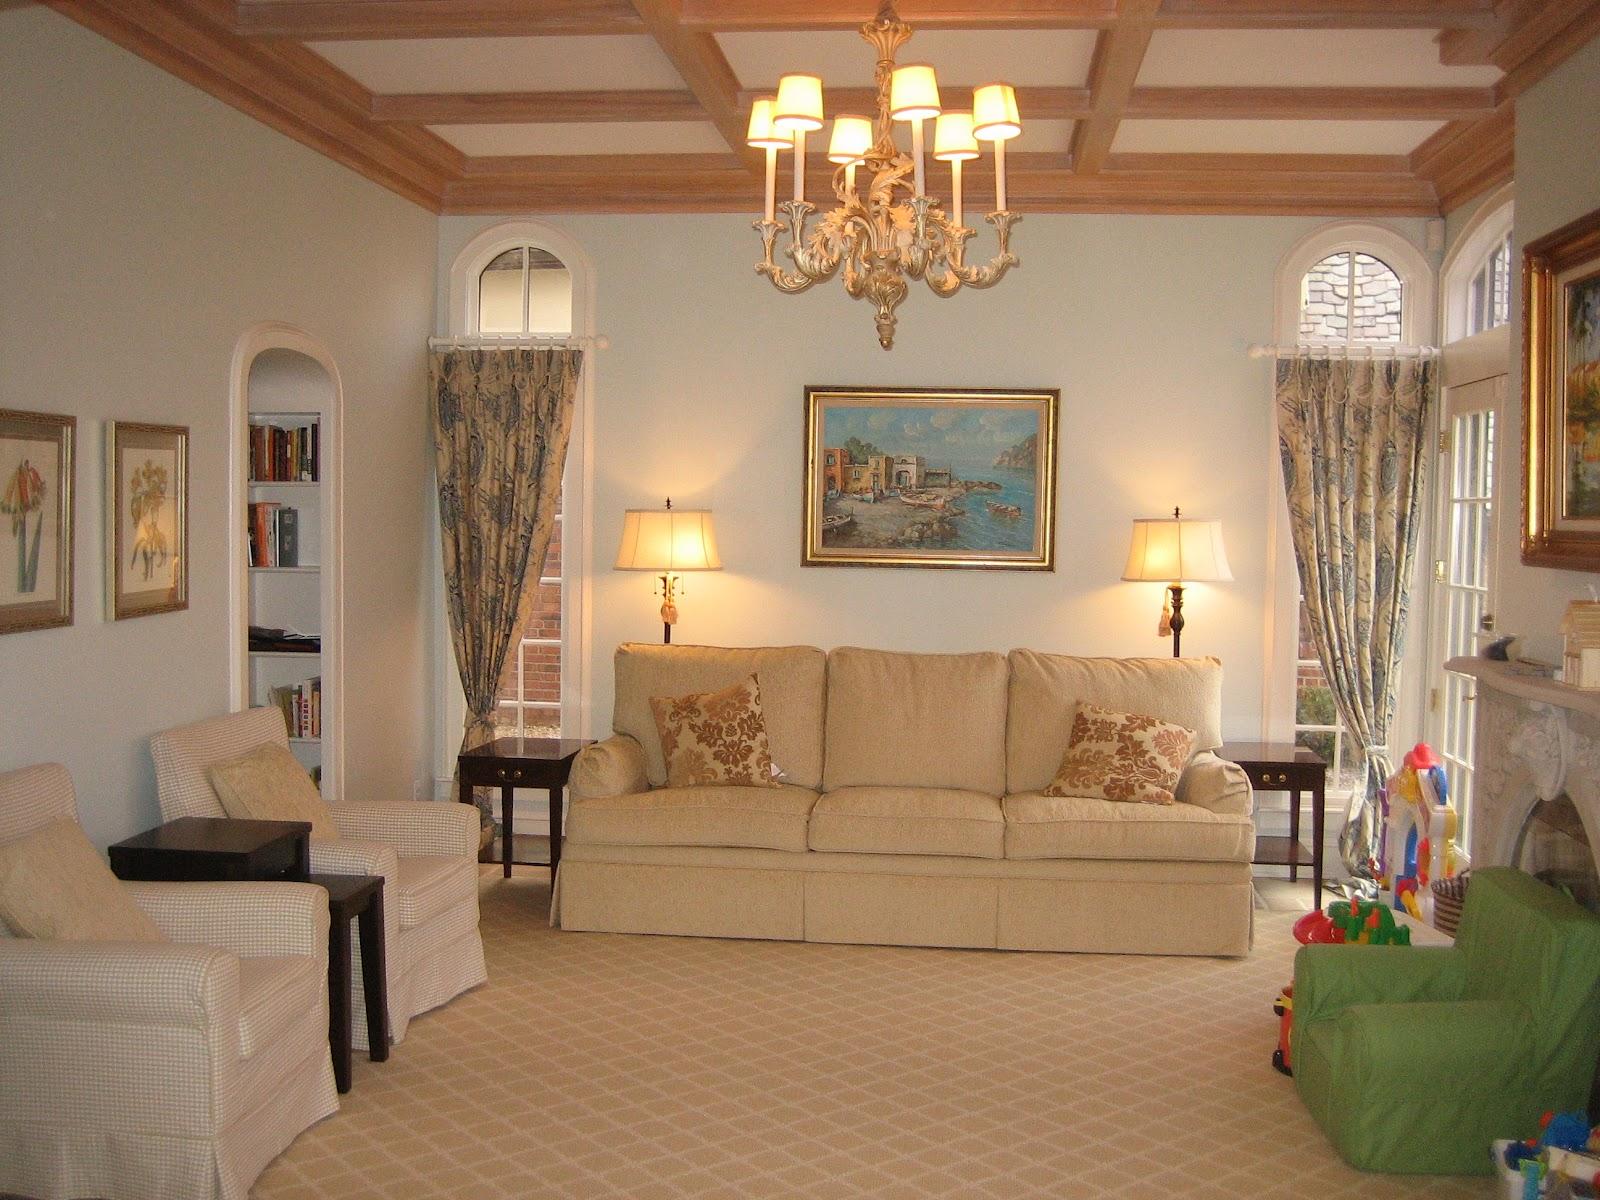 kensington bliss: Home Design/DIY, Rearranging, Repurposing ...